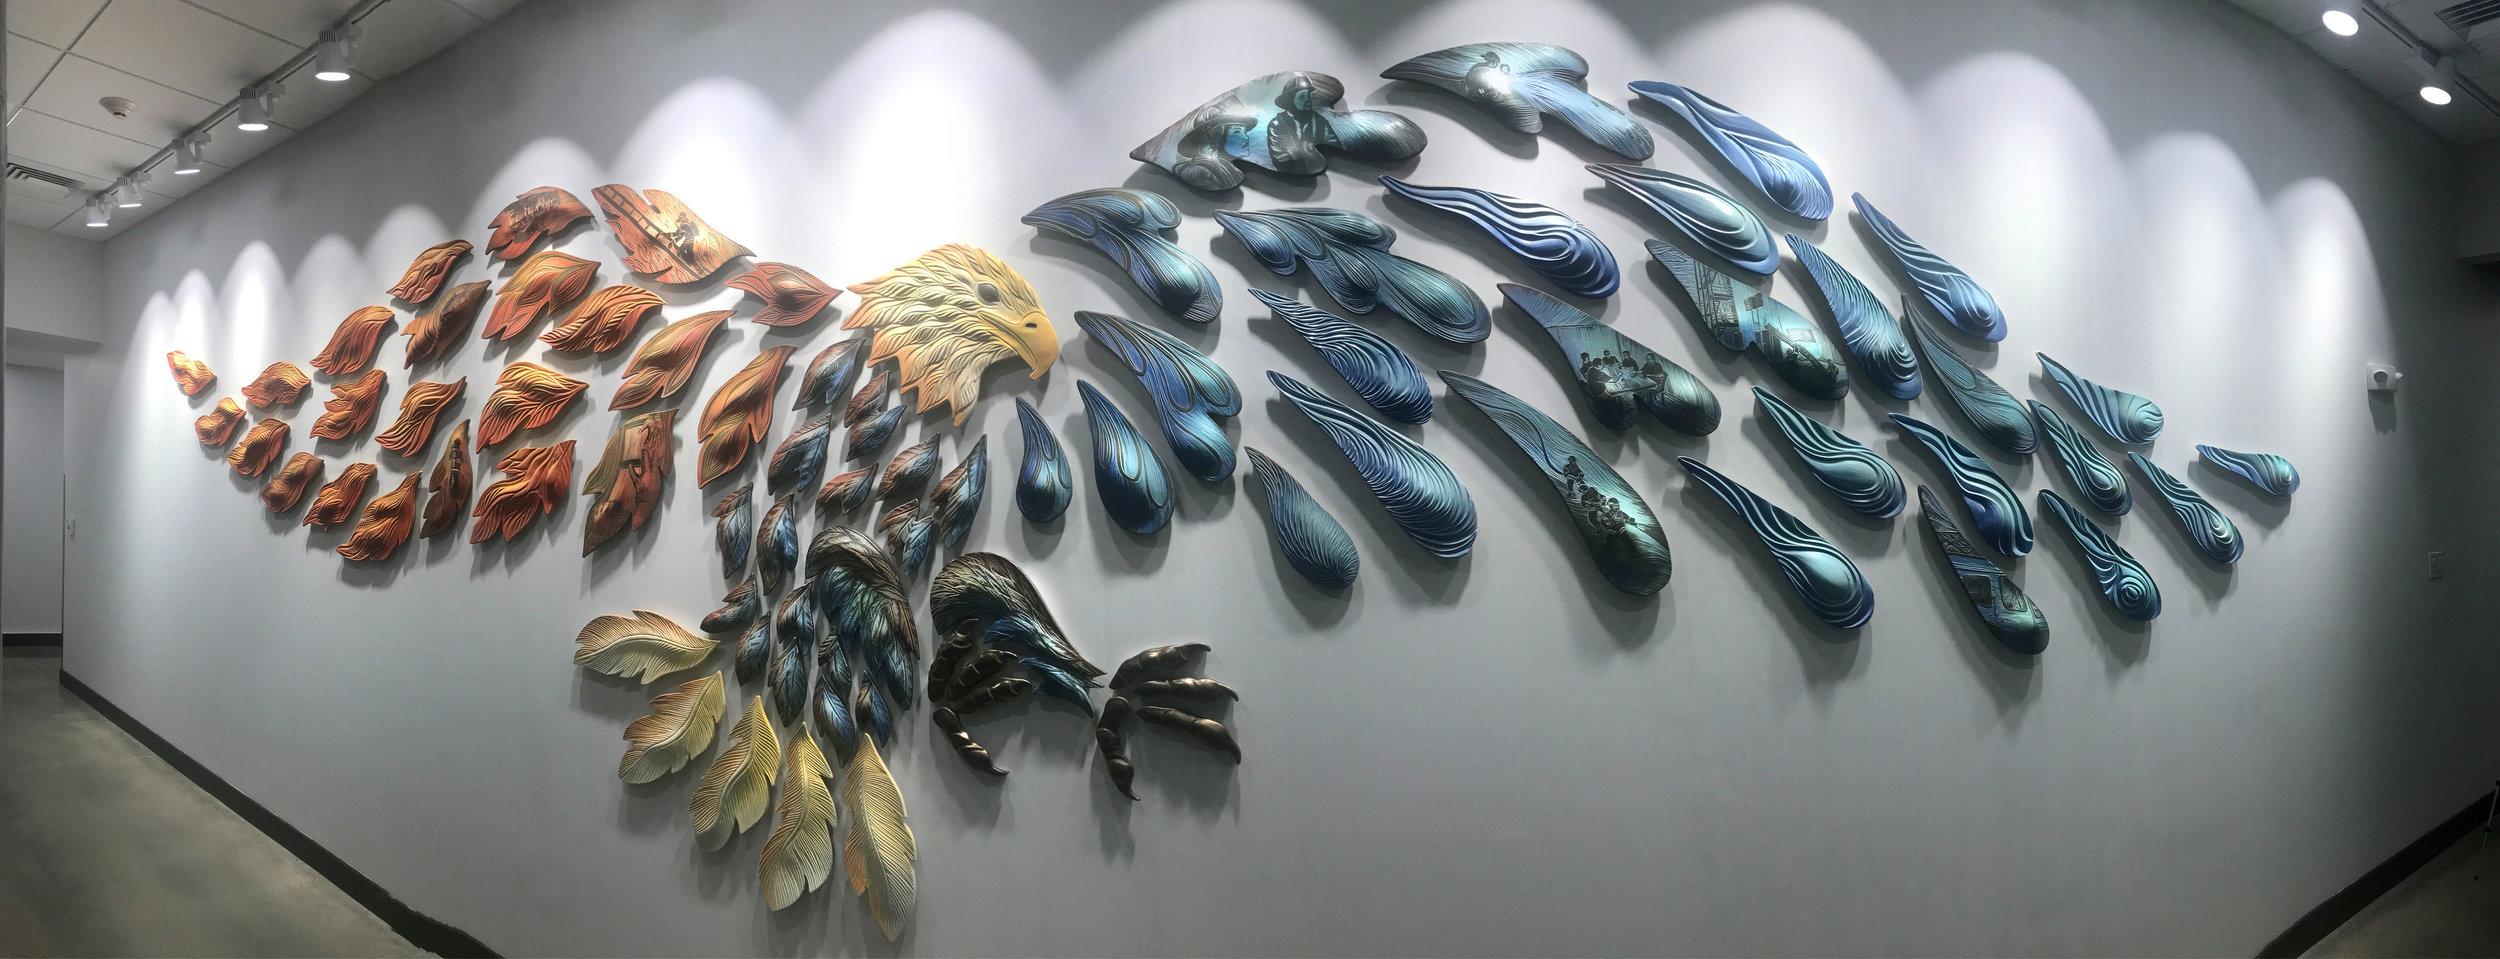 Natalie Blake Studios Tile Murals Ceramic Wall Art